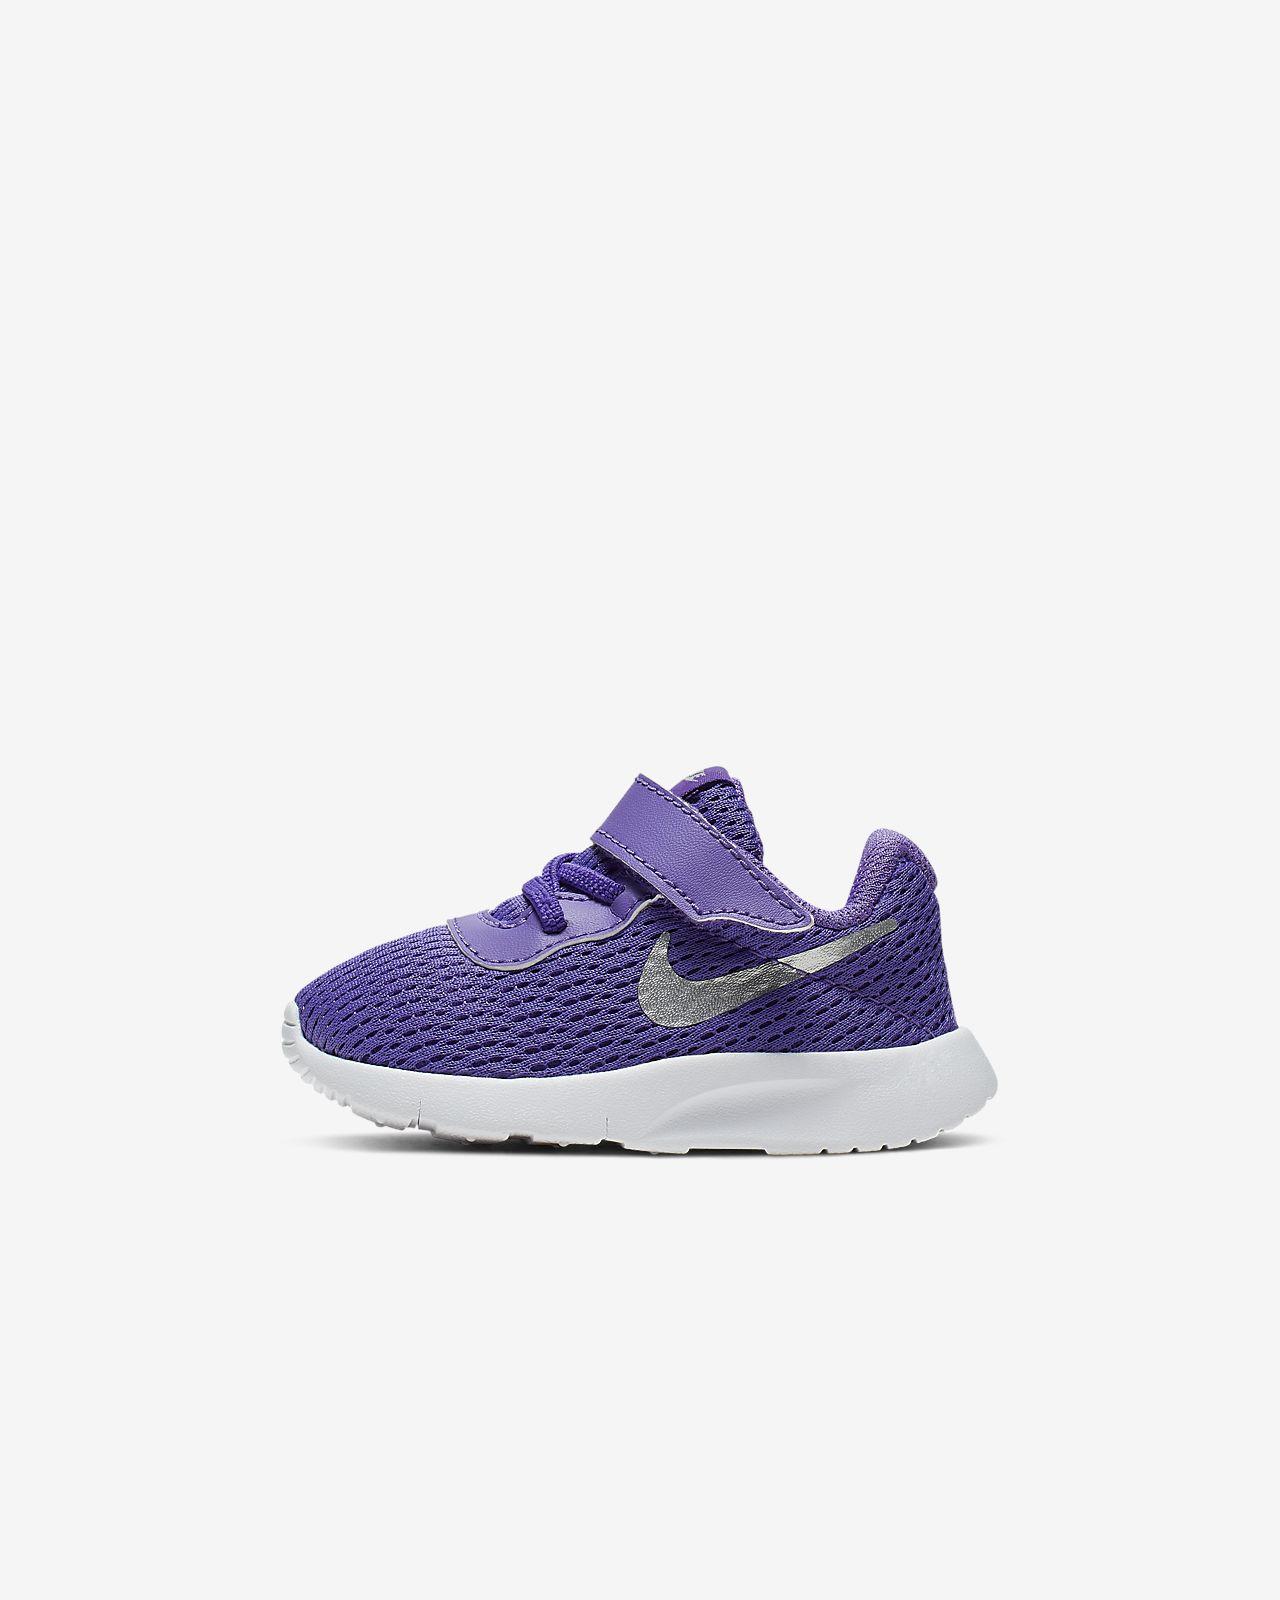 rozmiar 40 sekcja specjalna sprzedaż Nike Tanjun (2c-10c) Infant/Toddler Shoe